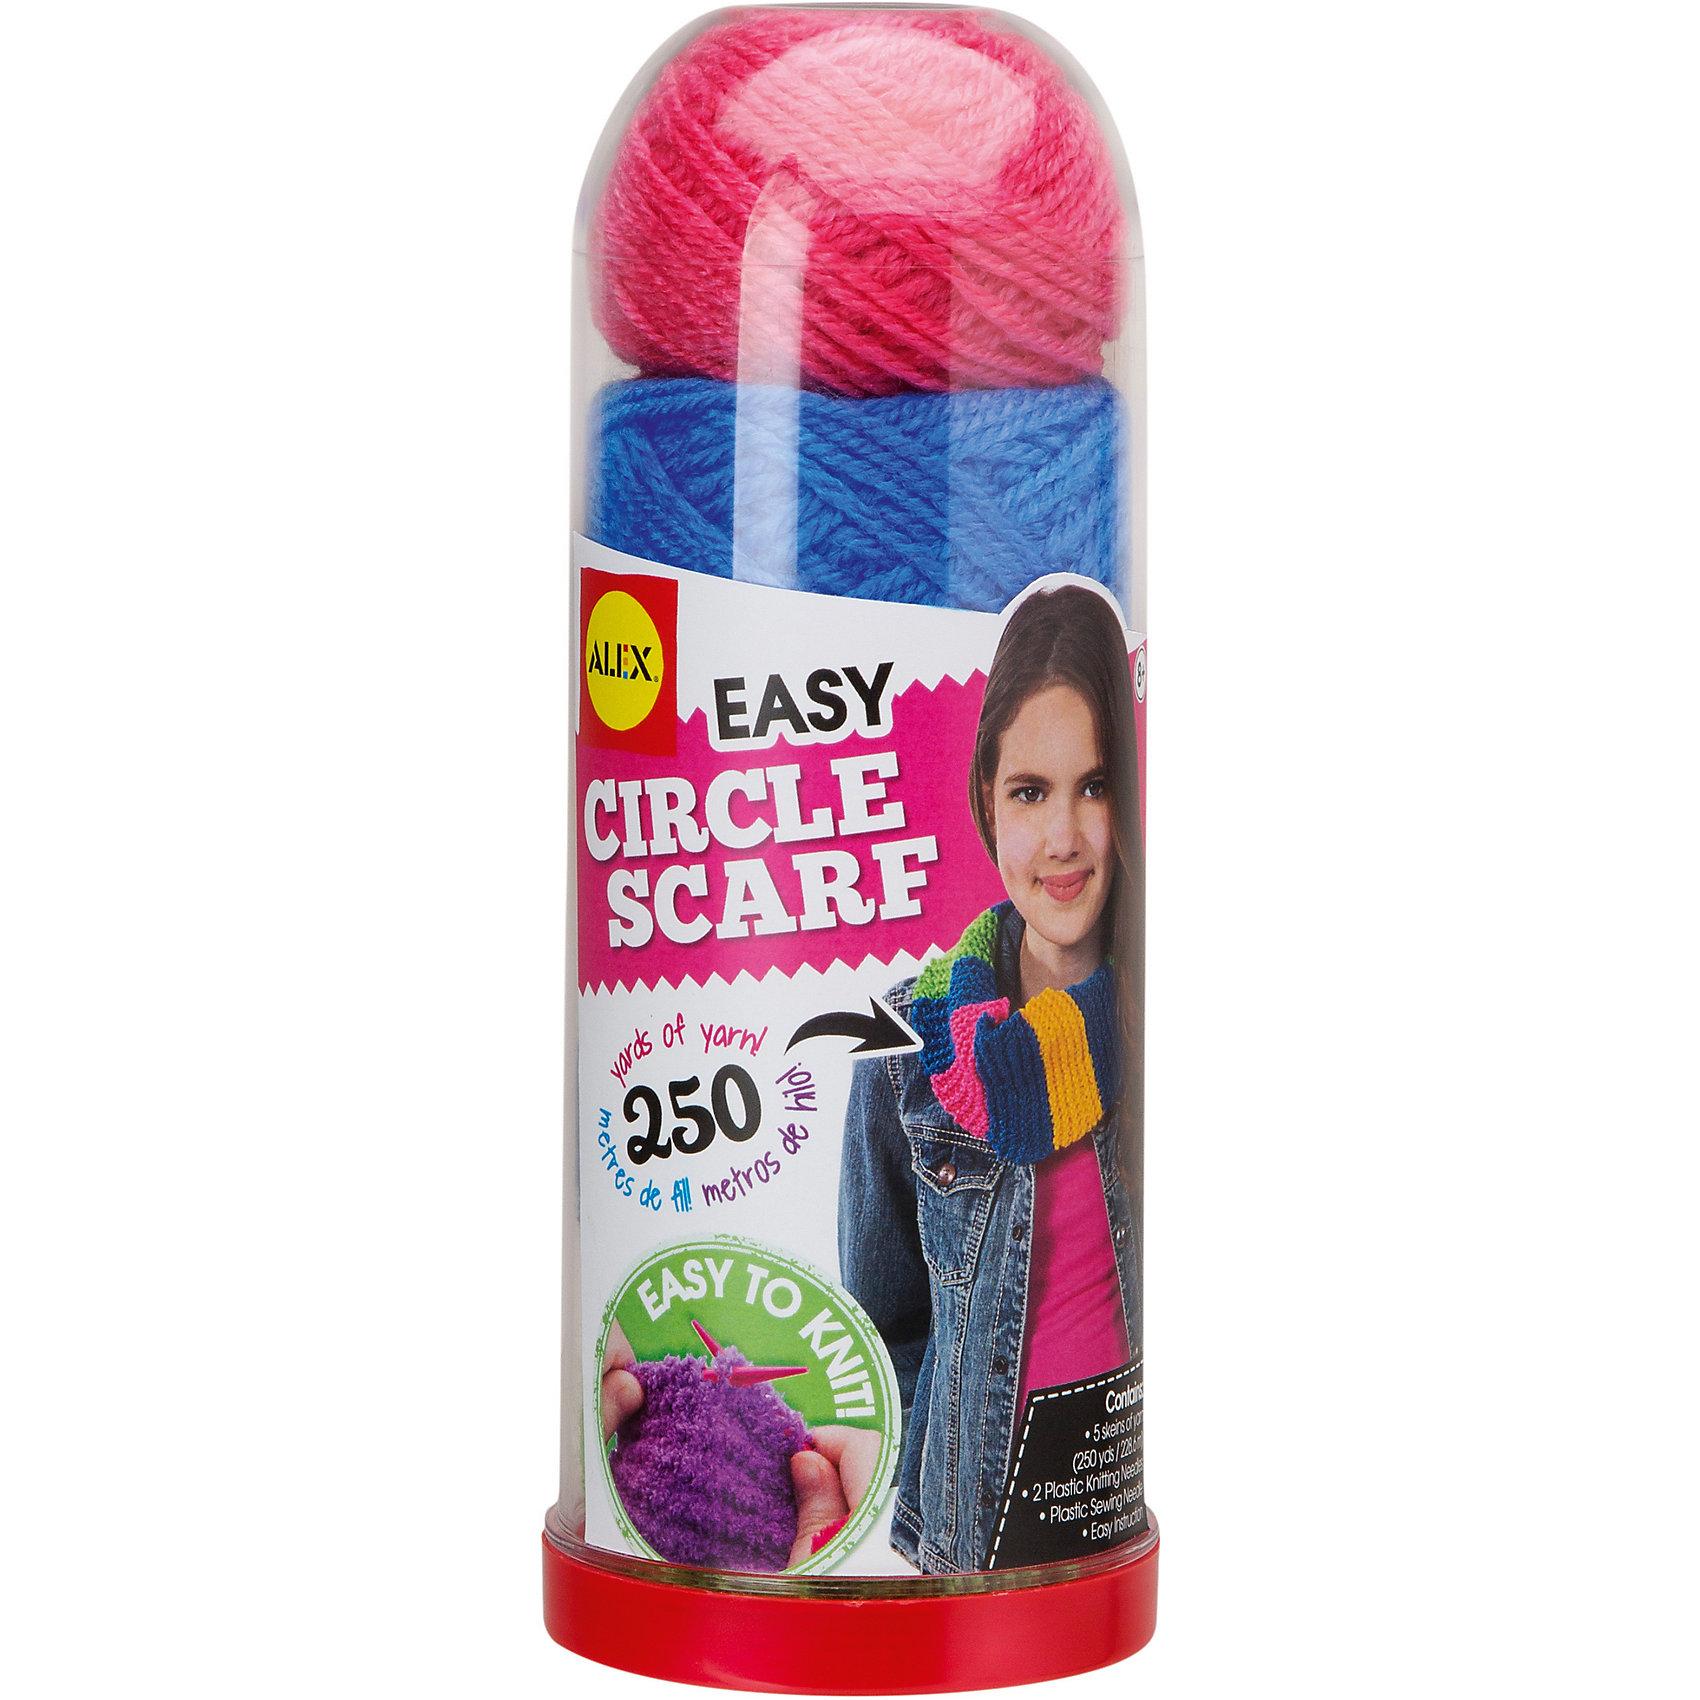 Набор для вязания спицами Круговой шарфРукоделие<br>Этот набор позволит вам связать стильный круговой шарф собственными руками. В наборе есть все необходимое для того, чтобы научиться вязать спицами и изготовить собственный модный аксессуар. Следуя подробной инструкции, вы сможете без труда связать свой первый снуд, который выгодно подчеркнет ваш образ или сможет стать прекрасным подарком на любой праздник. <br><br>Дополнительная информация:<br><br>- Материал: нитки, пластик.<br>- Комплектация: 5 клубков ниток ярких цветов (всего 228 м), пластиковые спицы, пластиковая я игла и инструкции.<br>- Упаковка: пластиковый футляр высотой 22 см.<br><br>Набор для вязания спицами Круговой шарф можно купить в нашем магазине.<br><br>Ширина мм: 8<br>Глубина мм: 8<br>Высота мм: 22<br>Вес г: 285<br>Возраст от месяцев: 96<br>Возраст до месяцев: 168<br>Пол: Женский<br>Возраст: Детский<br>SKU: 4347882